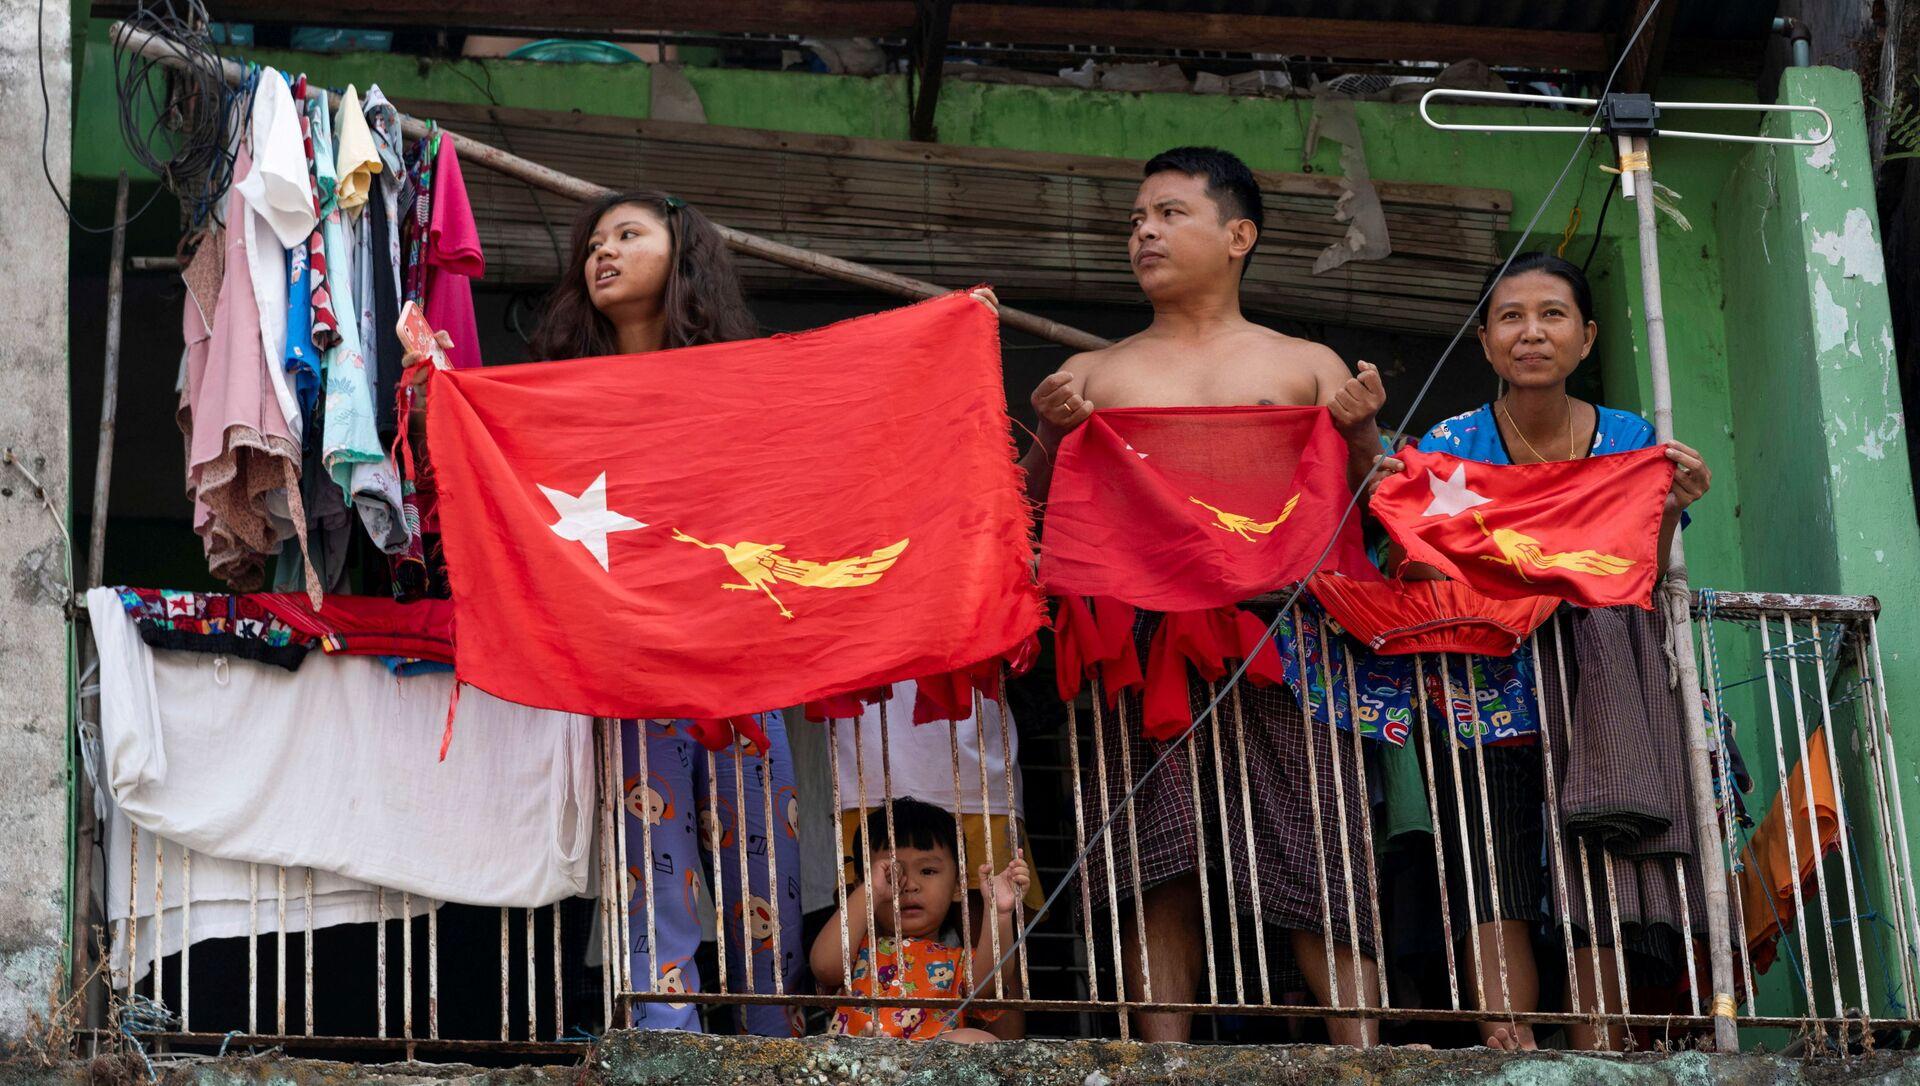 Công dân Myanmar cắm cờ trên ban công phản đối đảo chính quân sự. - Sputnik Việt Nam, 1920, 05.03.2021